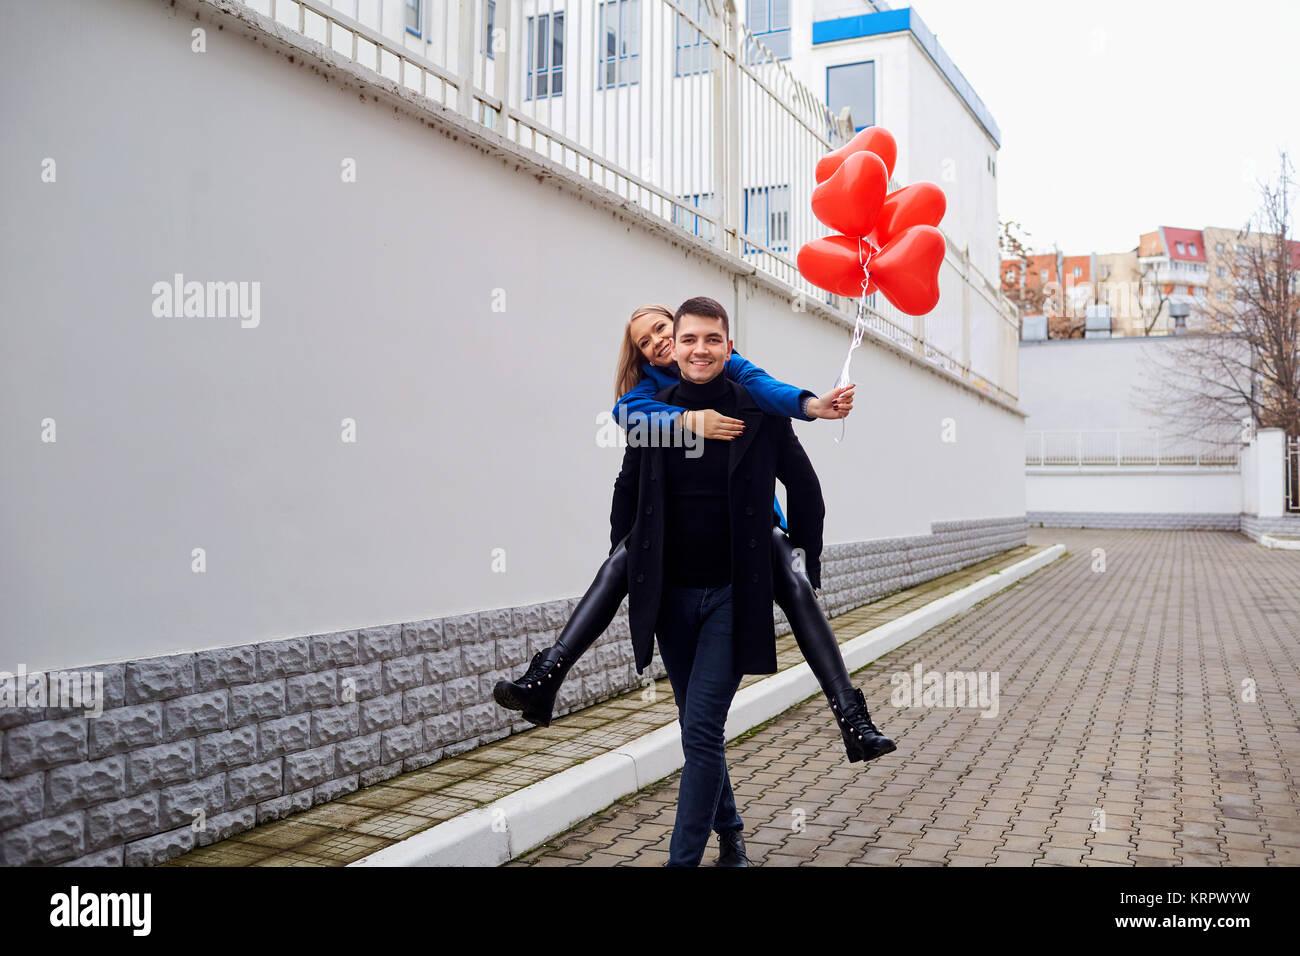 Ragazza piggyback sul ragazzo con cuore rosso palloncini sulla strada. Foto Stock